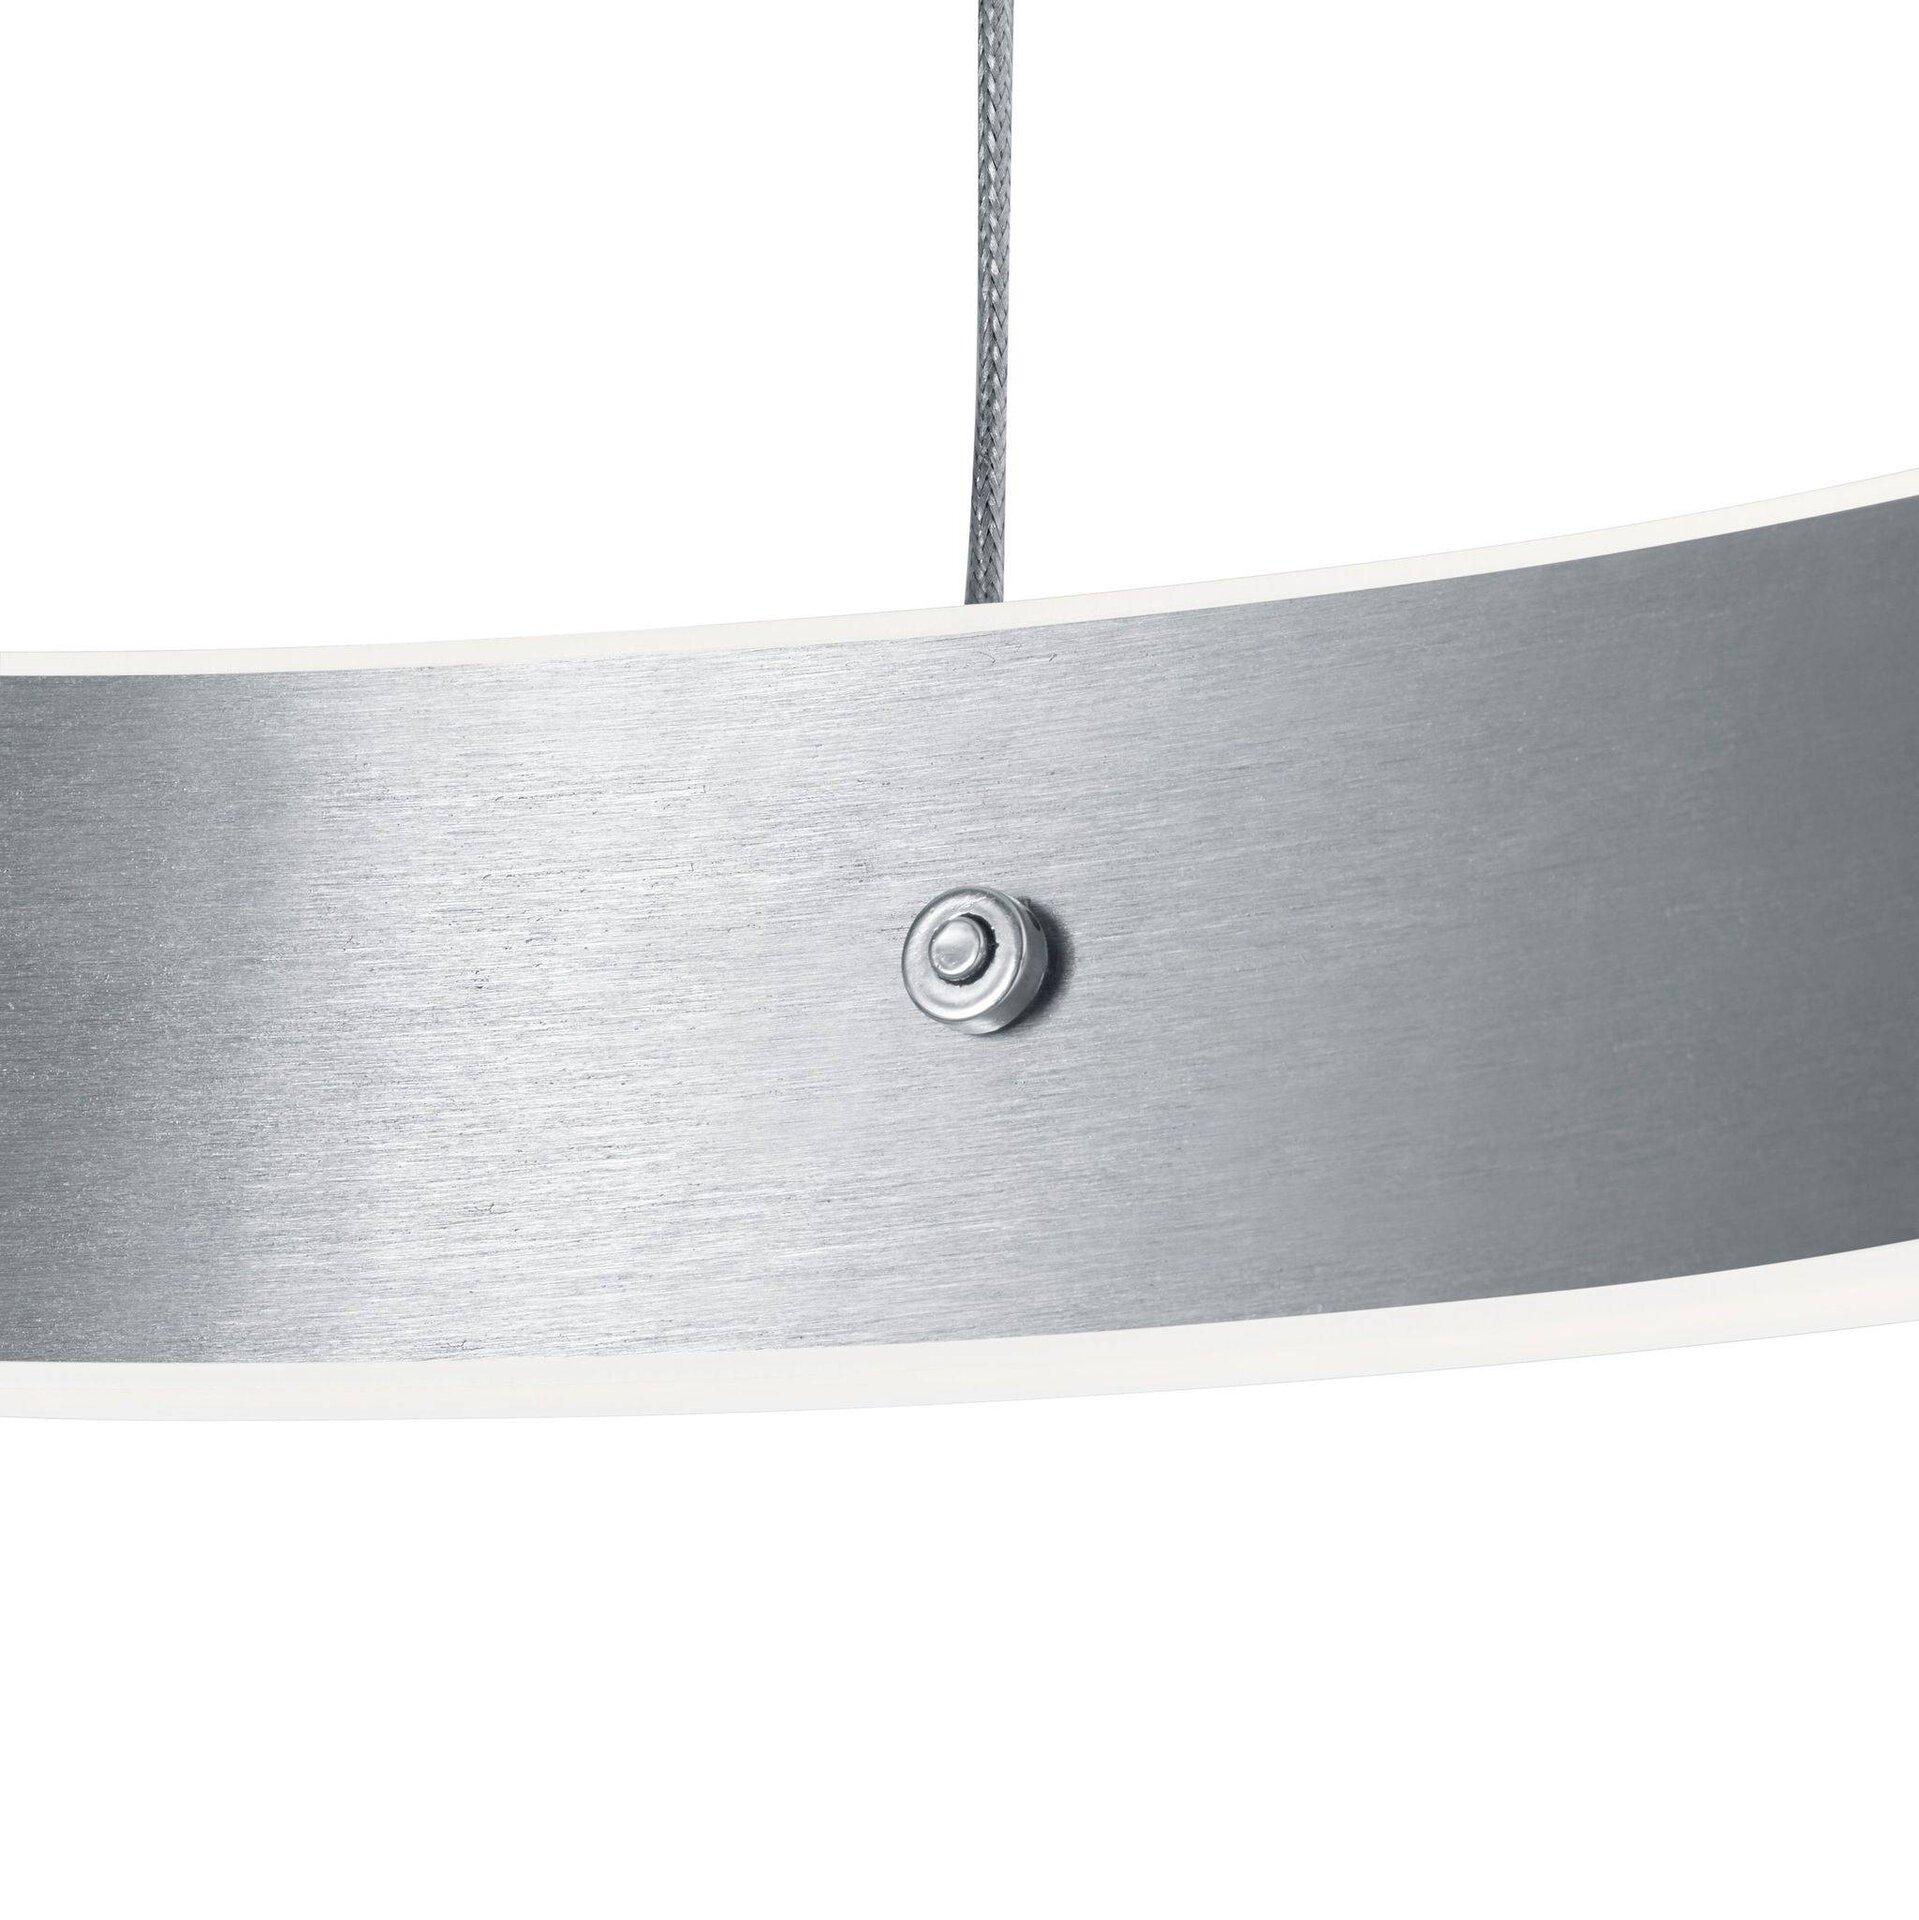 Hängeleuchte DELTA B-Leuchten Metall silber 60 x 150 x 60 cm